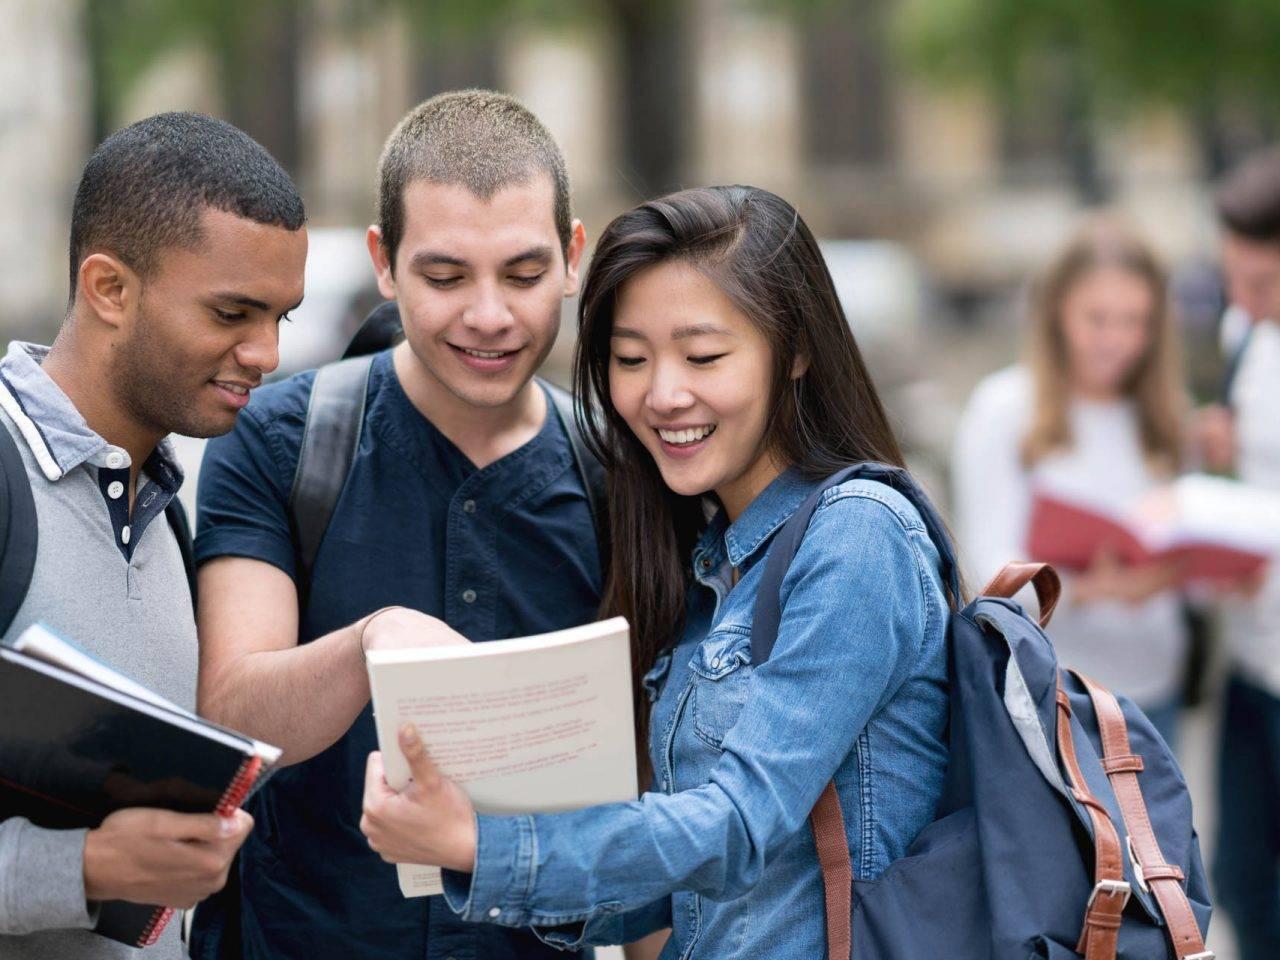 Обучение в вузах польши для иностранцев